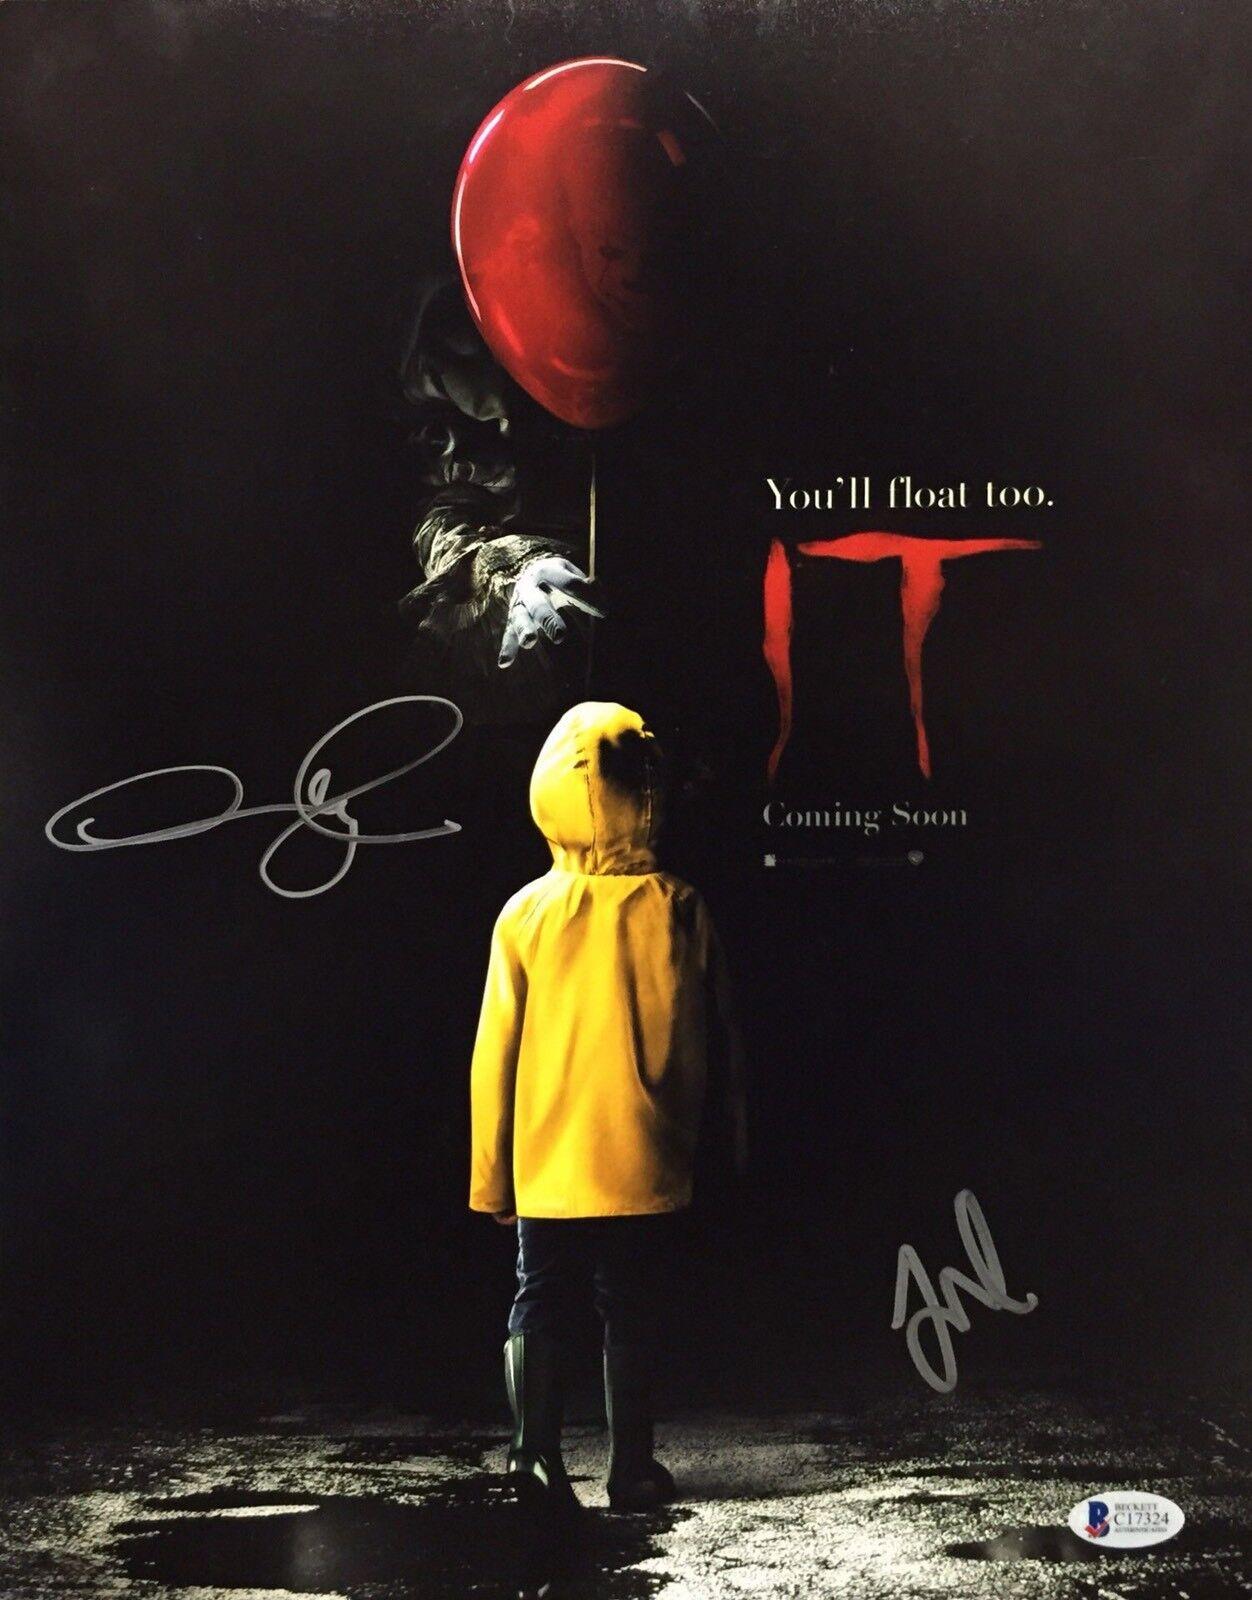 Jaeden Lieberher And Andy Muschietti Signed 'It' 11x14 Photo Beckett C17324